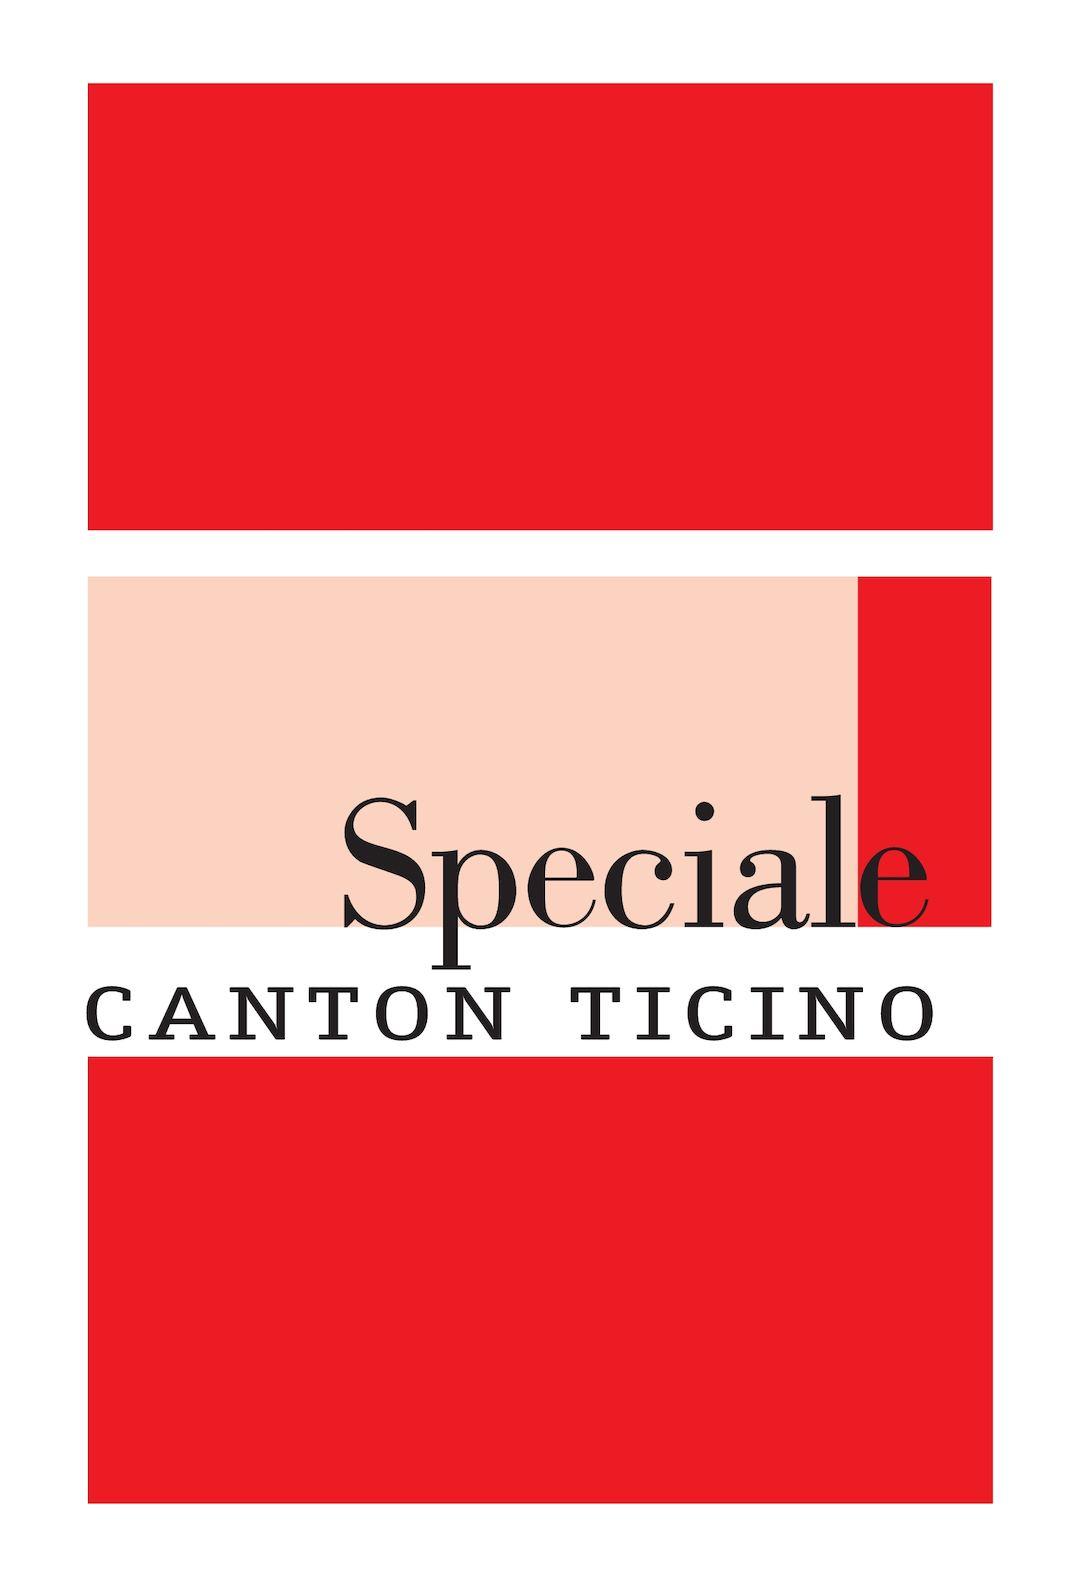 Stil'e' Calamᄄᆭo Dicembre Speciale 2016 Ticino Canton hQCtroxBsd